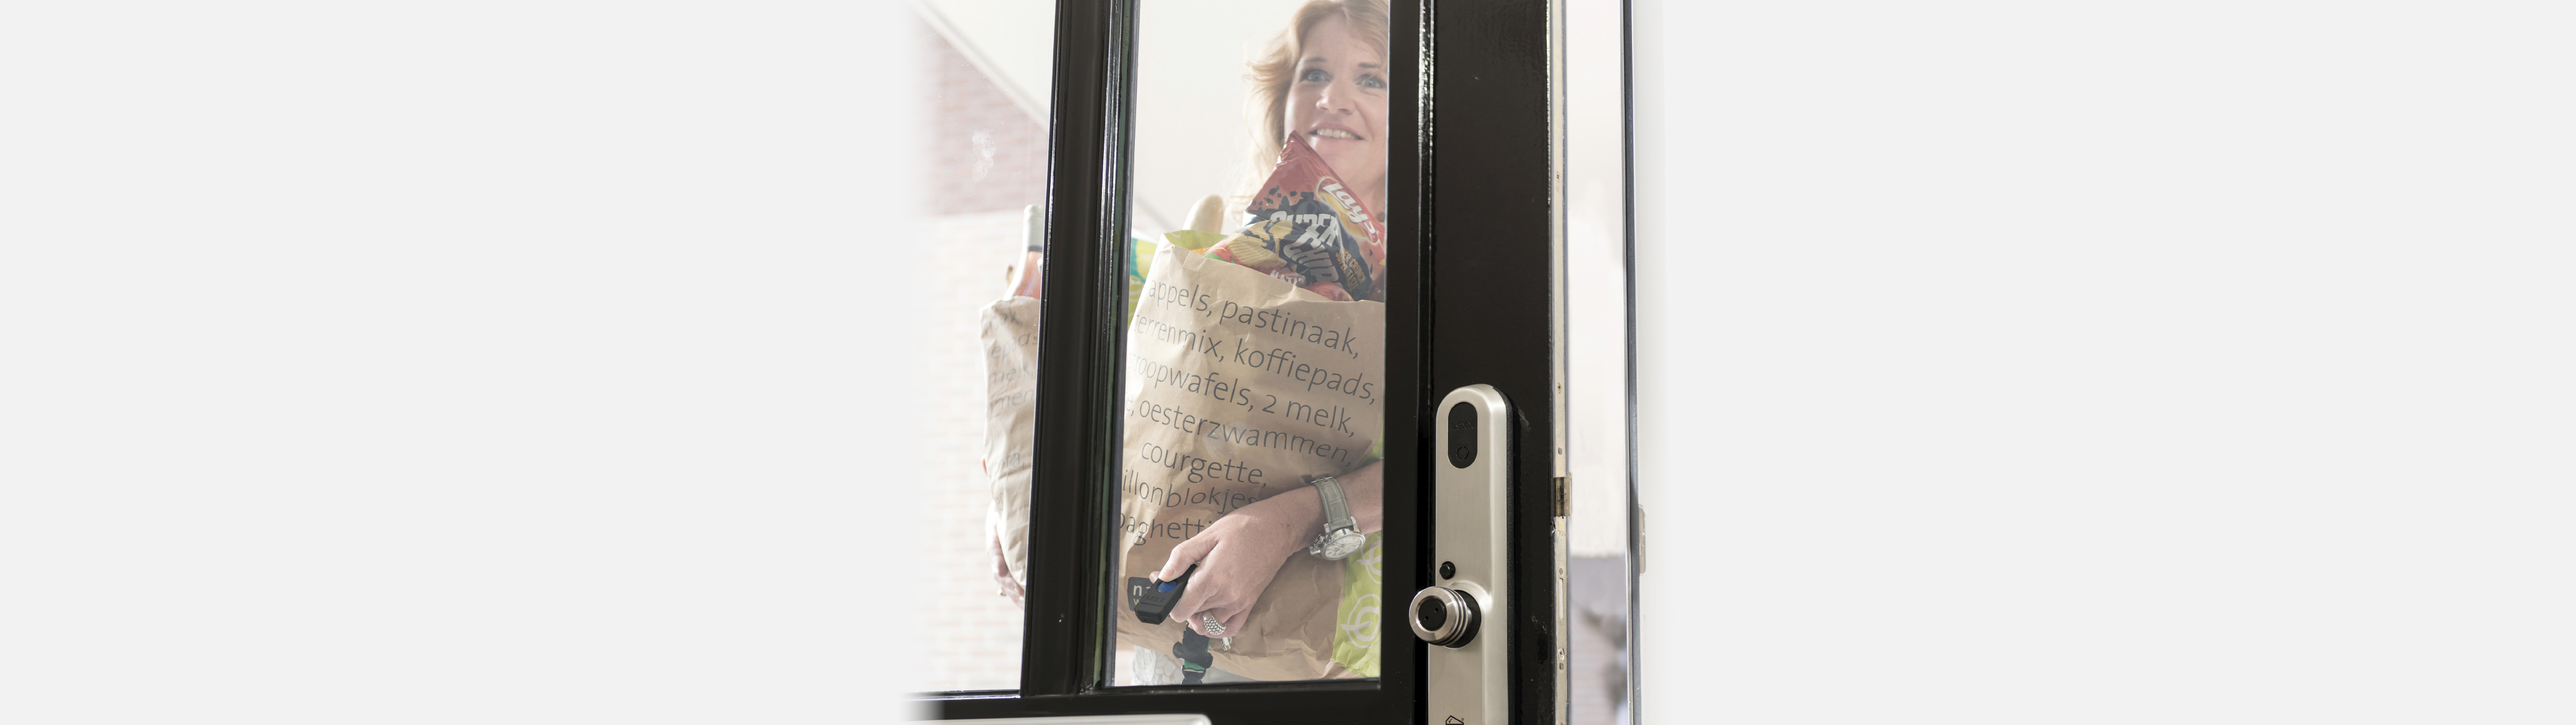 De Invited Smart Lock is mooi én praktisch op de voordeur